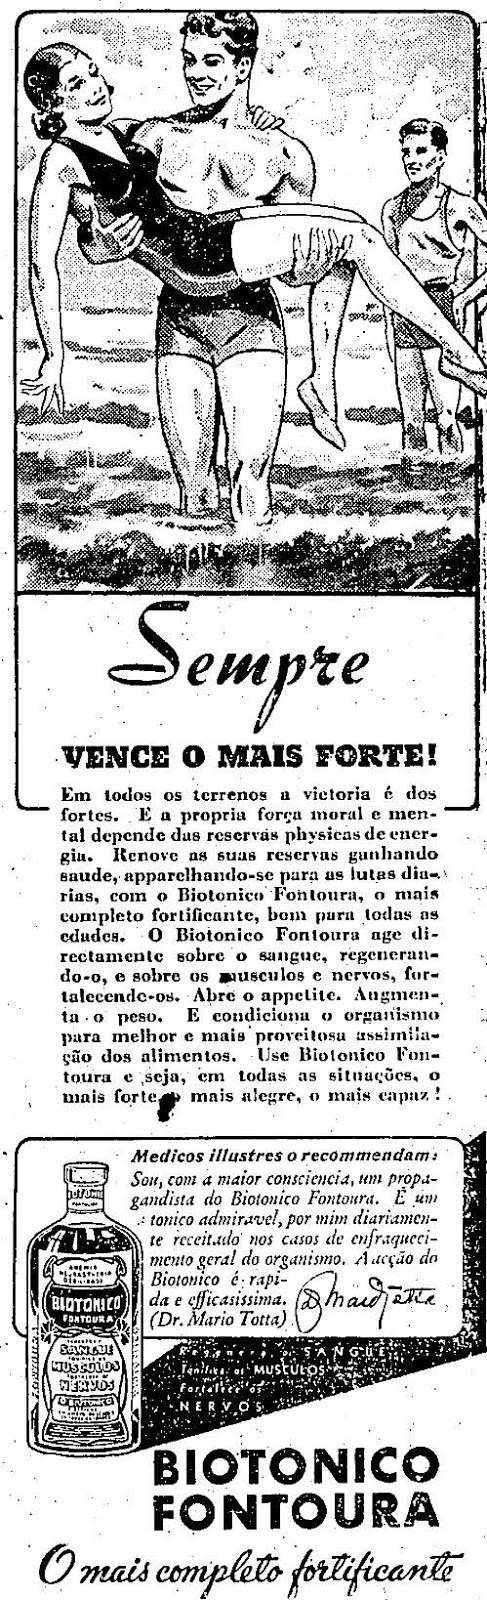 Campanha do Biotônico Fontoura veiculada nos anos 40 em um espaço de competitividade social